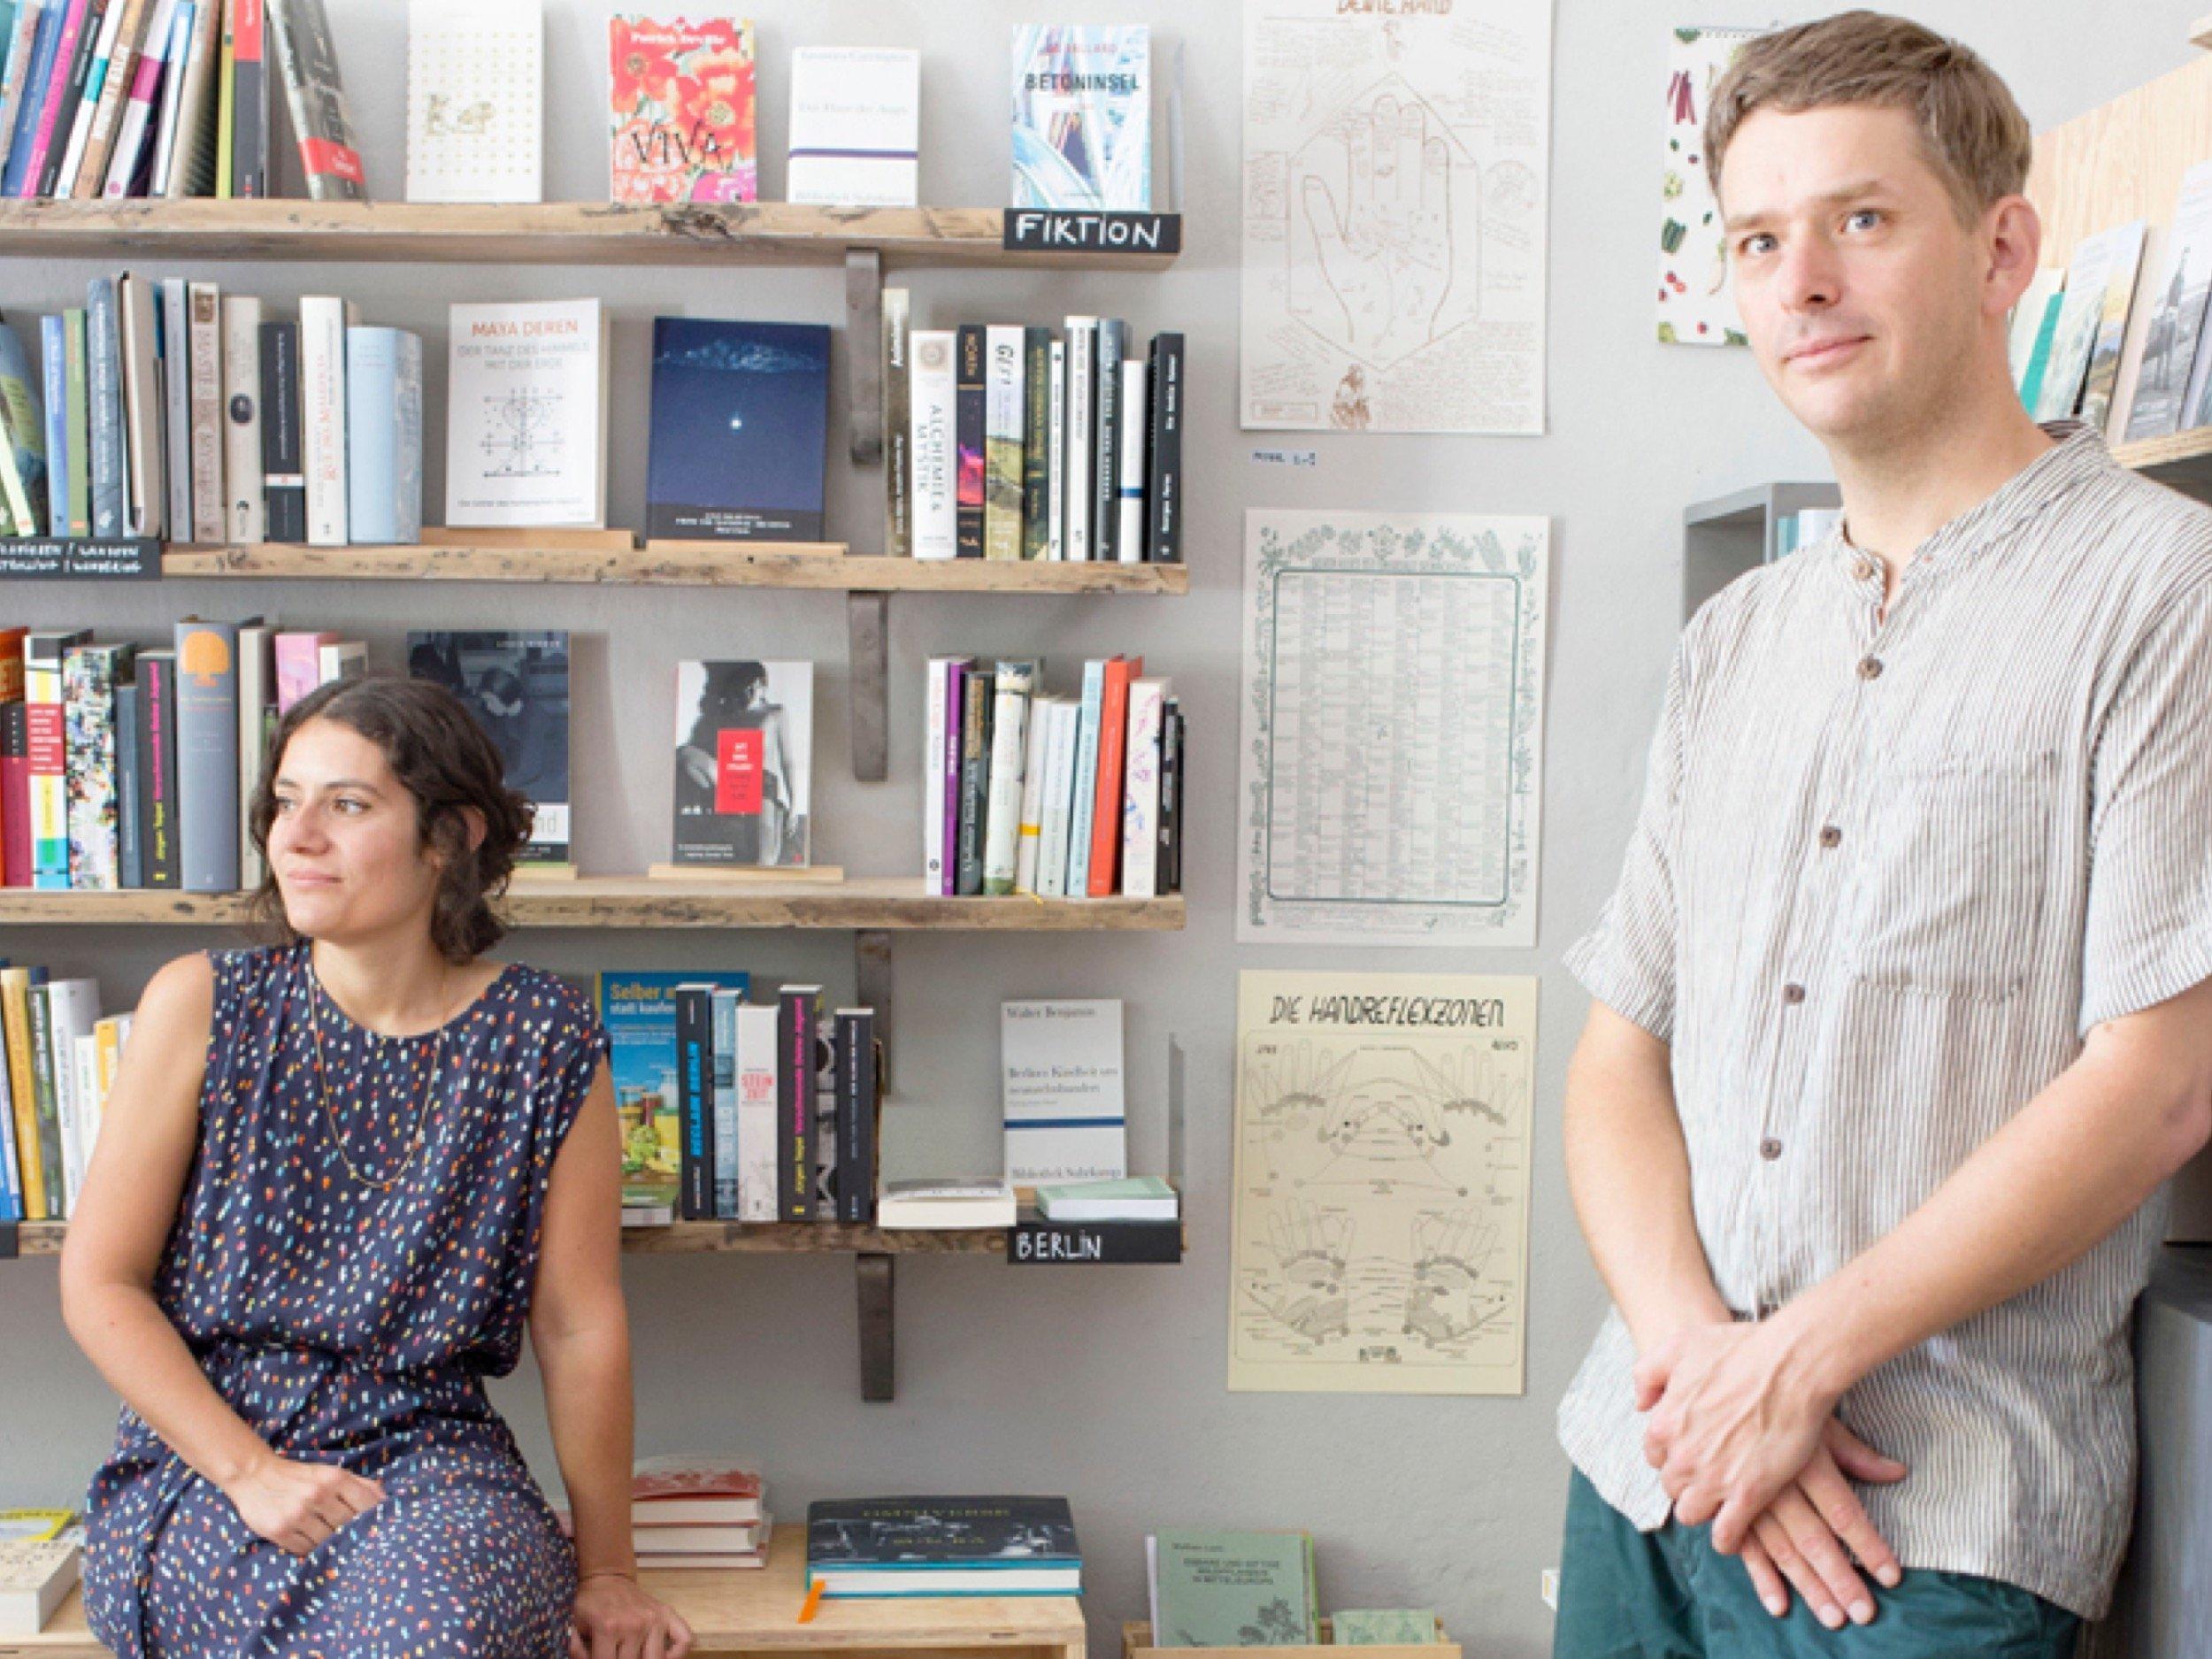 Aufnahme von Lorena Carràs und Jean Dhur in ihrer Buchhandlung.